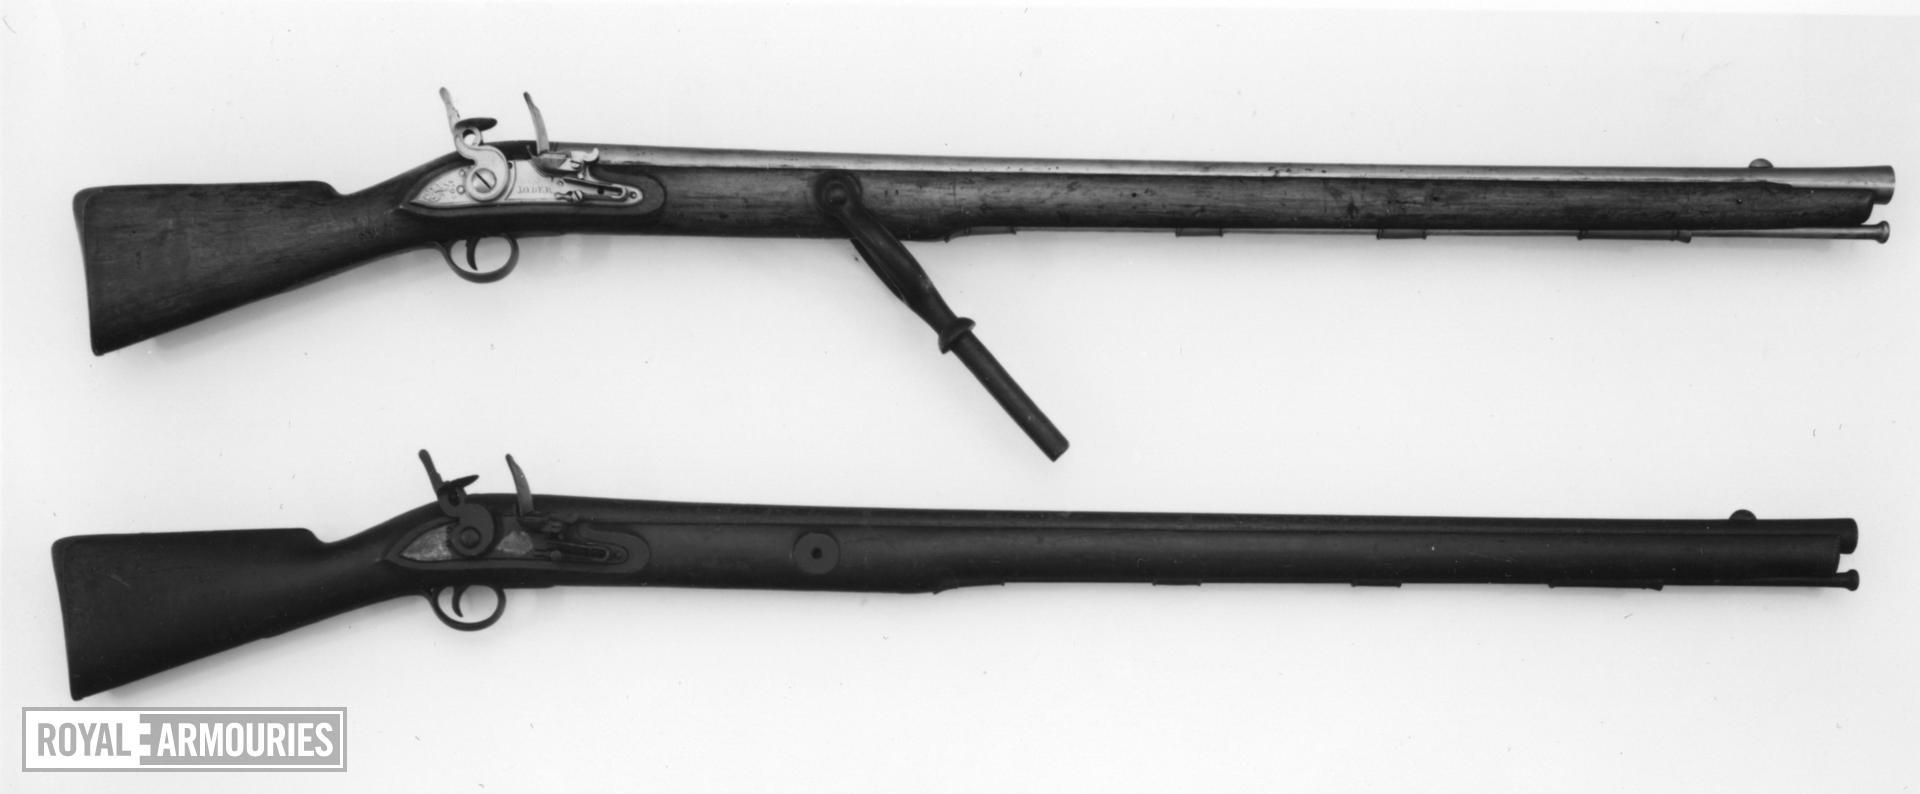 Flintlock wall gun - By Loder